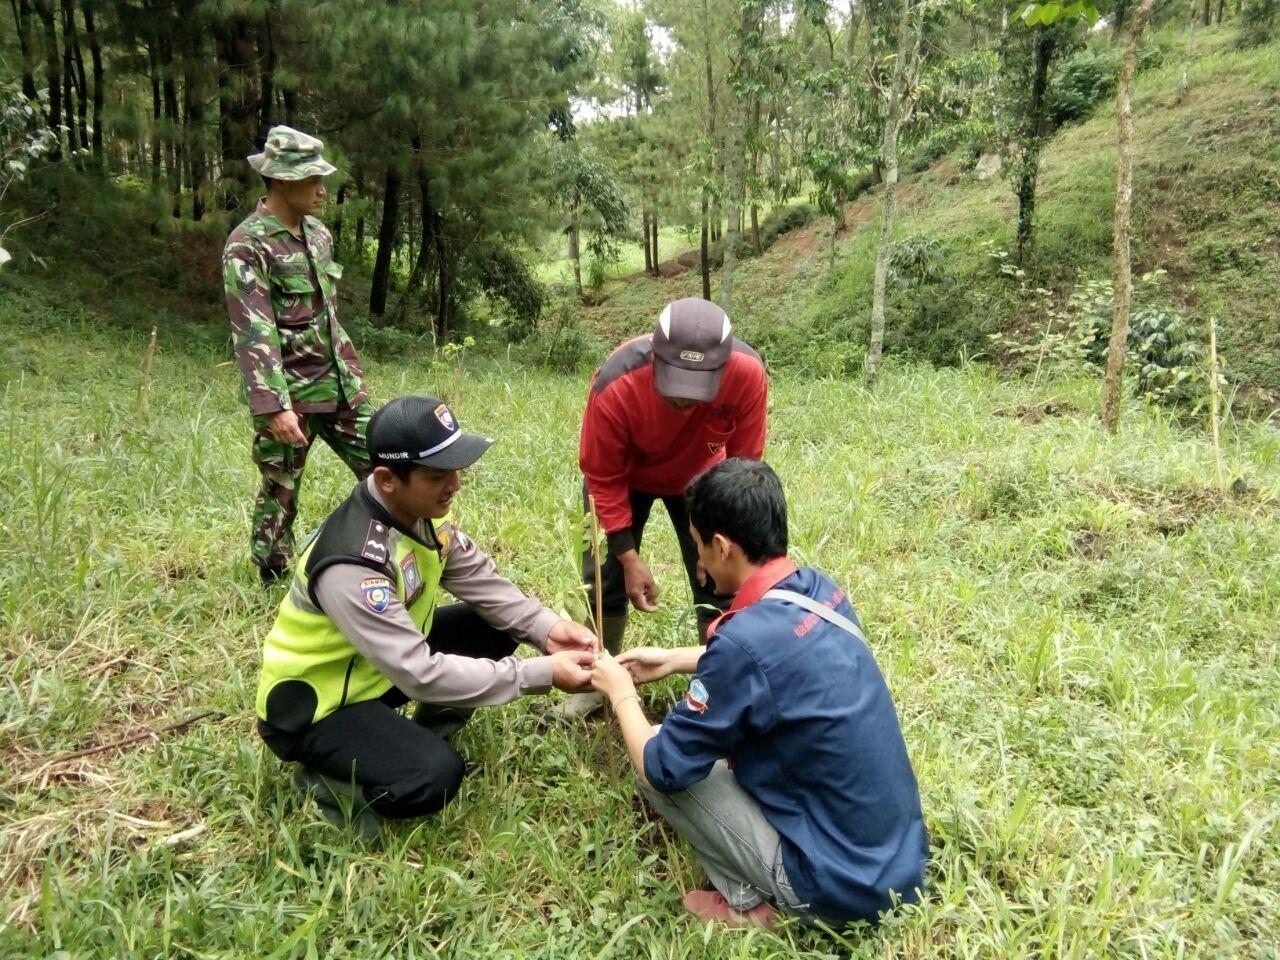 Bhabinkamtibmas Polsek Junrejo Polres Batu Giat Penghijauan Di Desa Madiredo Pujon Berikan Himbauan